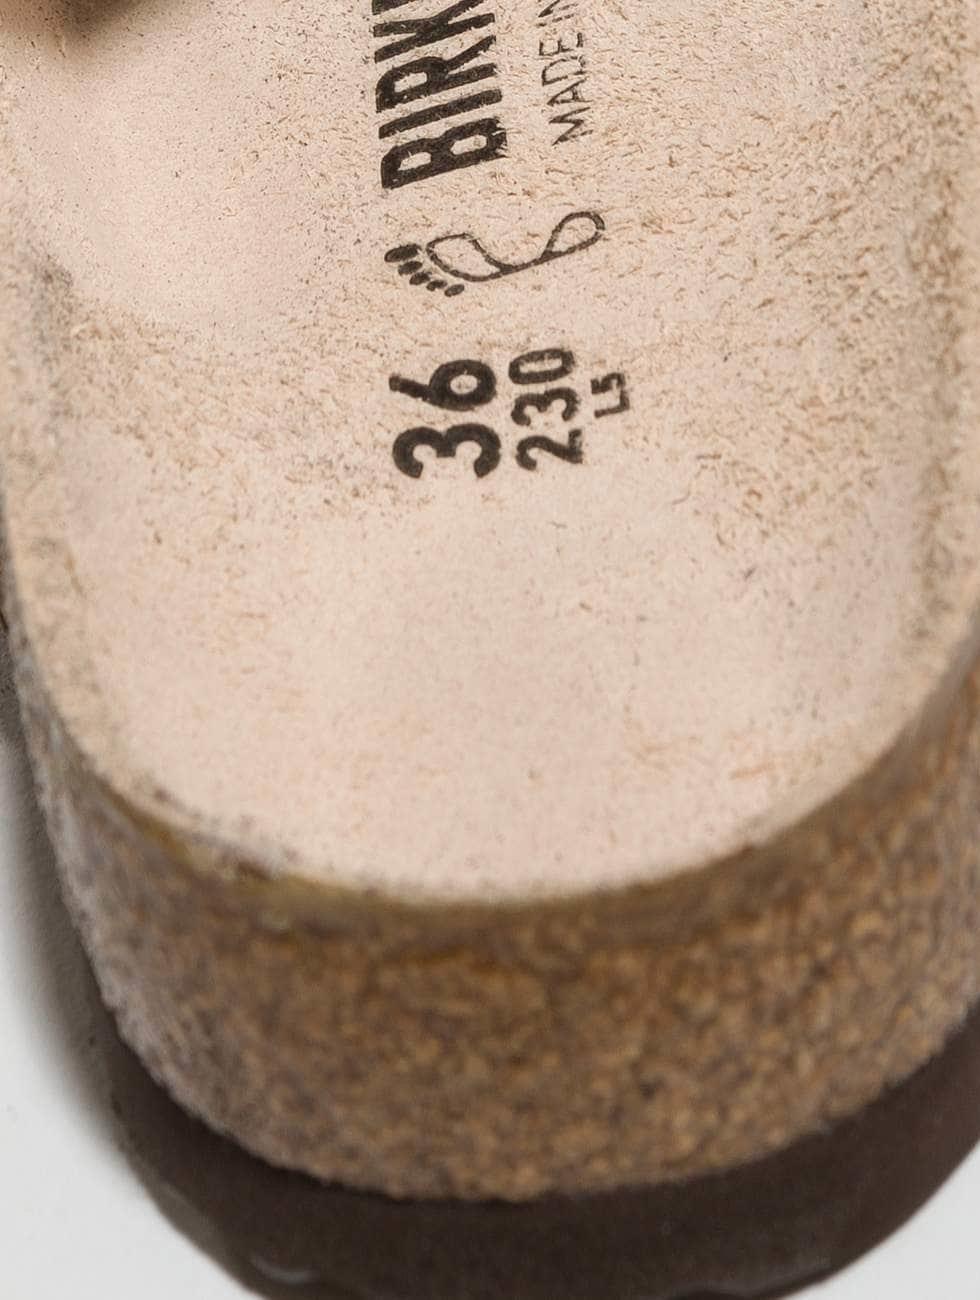 ZJ3HKmooc3 schoen / Slipper/Sandaal Mayari BF Metallic Stones in bruin 429242 Snelle Levering Goedkope Online jJS0P9j